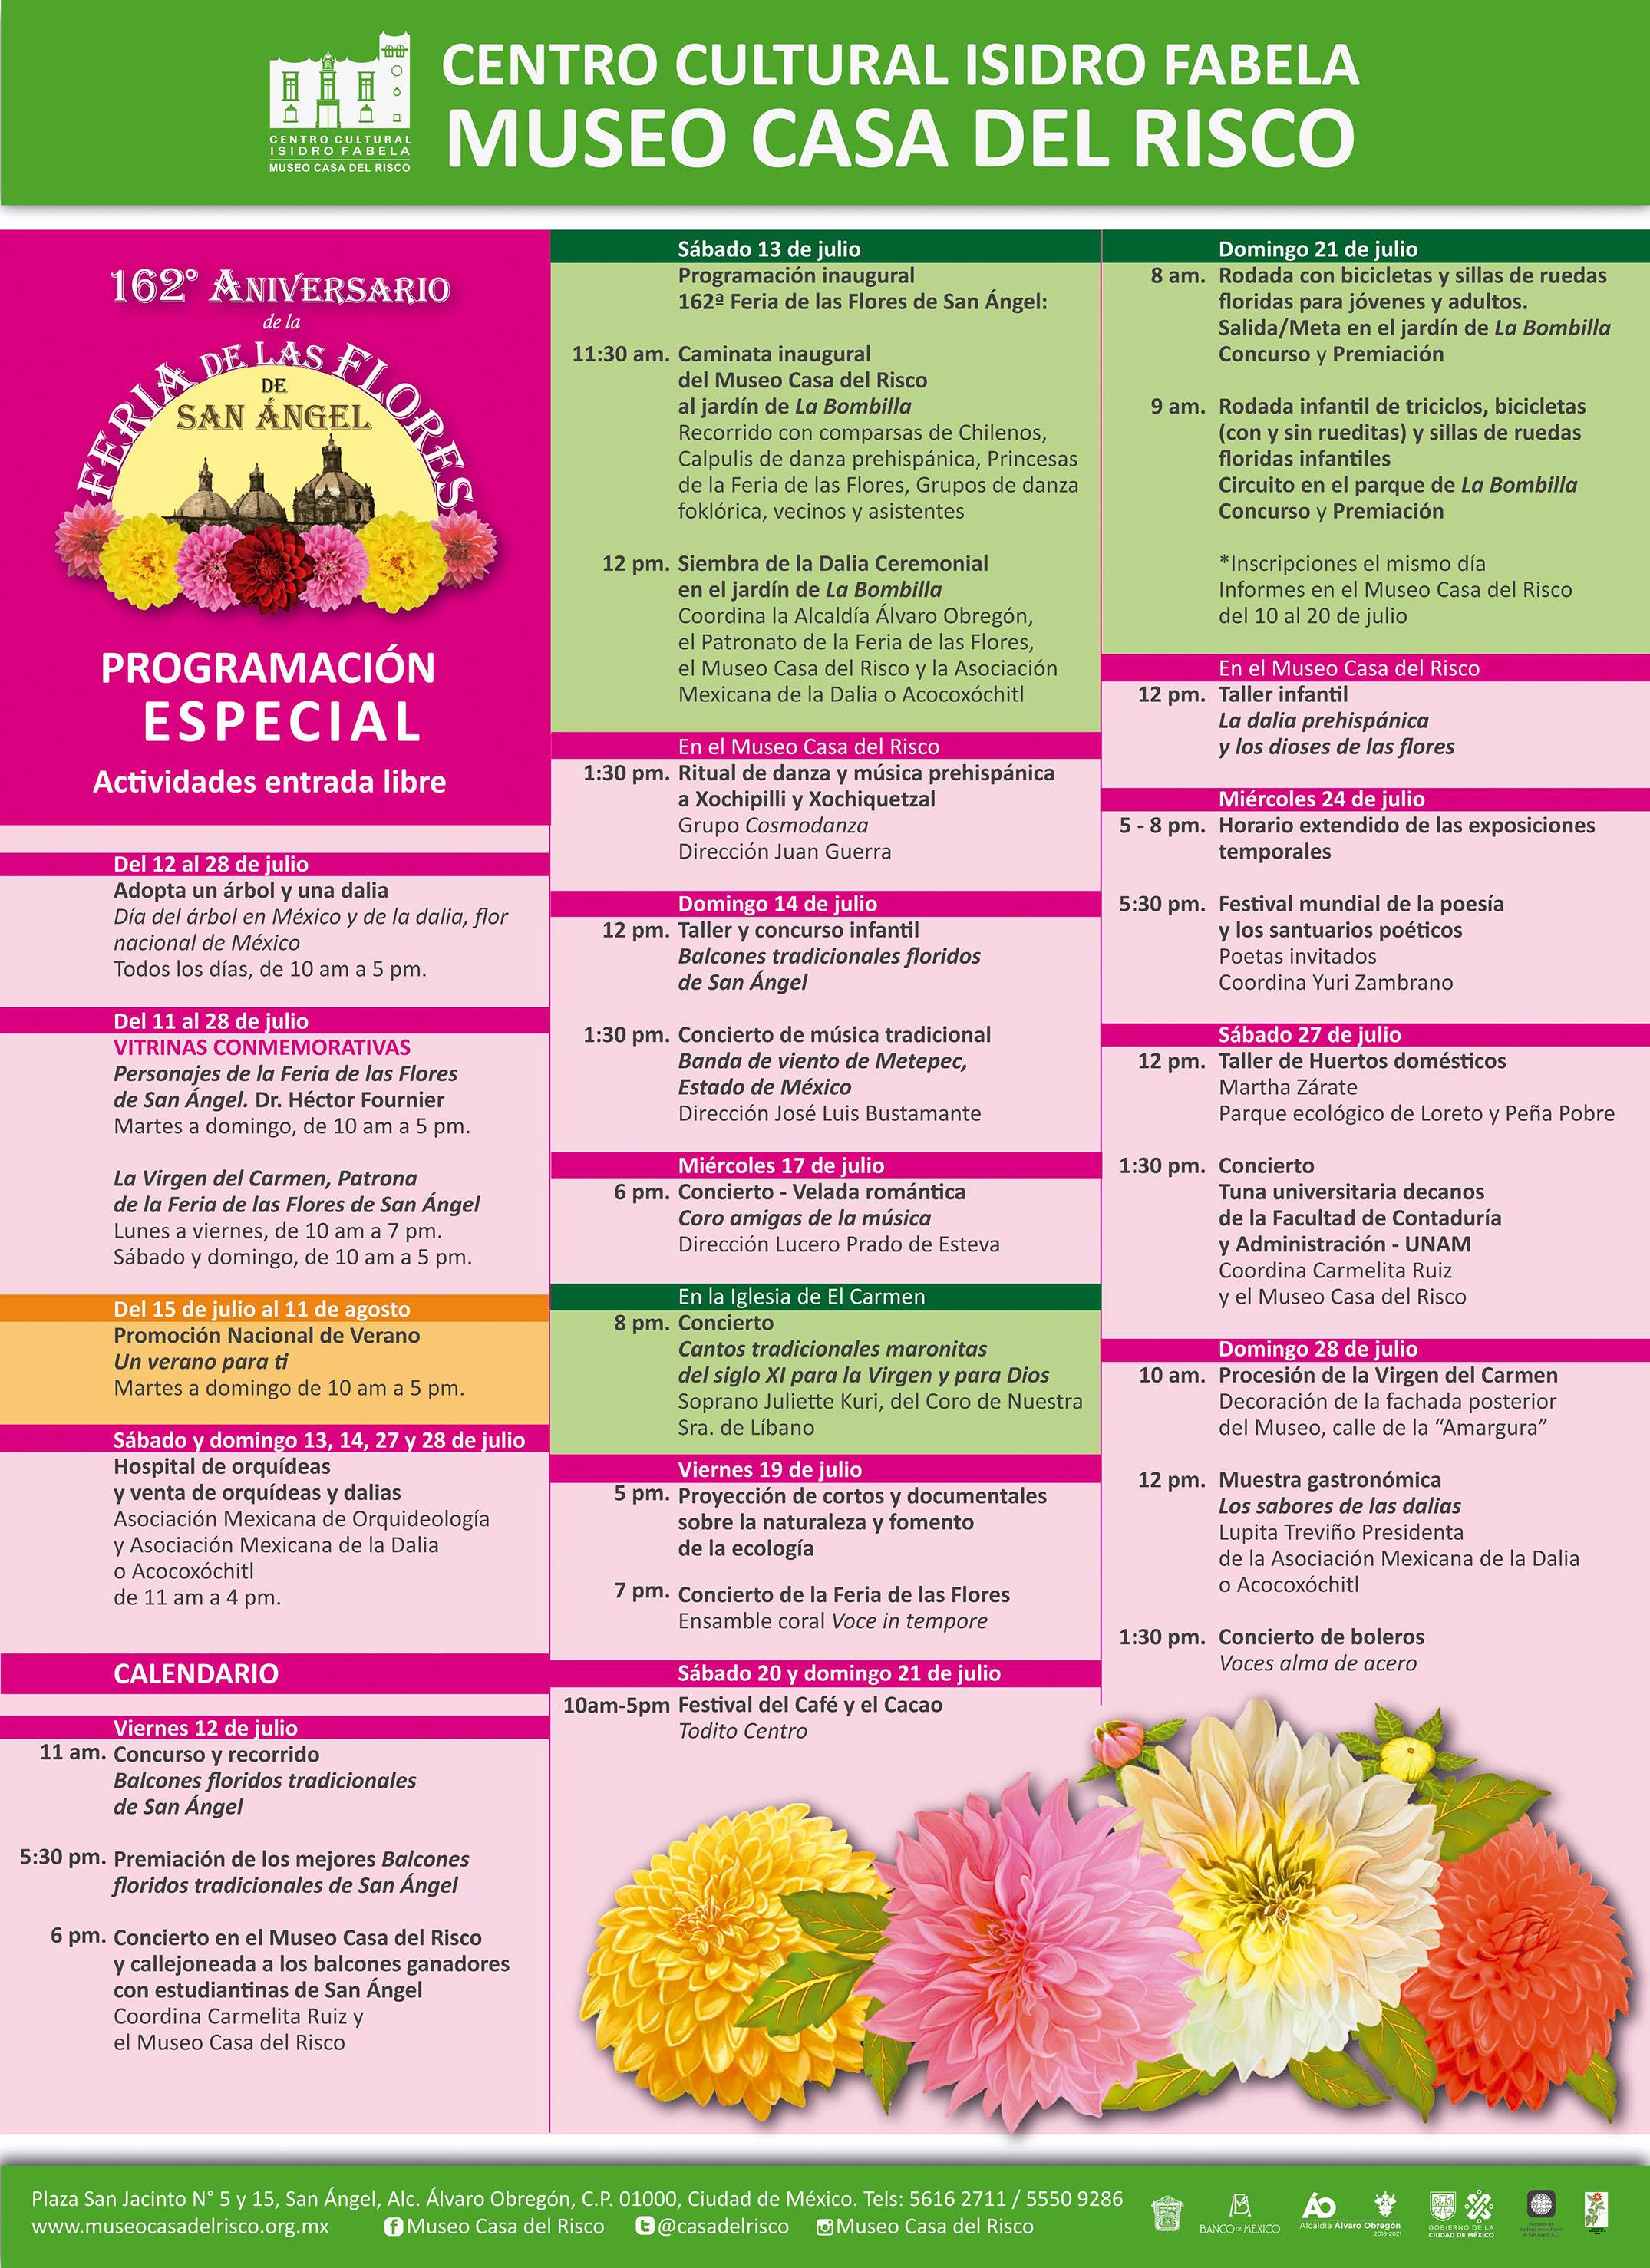 Feria de las Flores en San Ángel 2019: ¡todo se llena de colores!